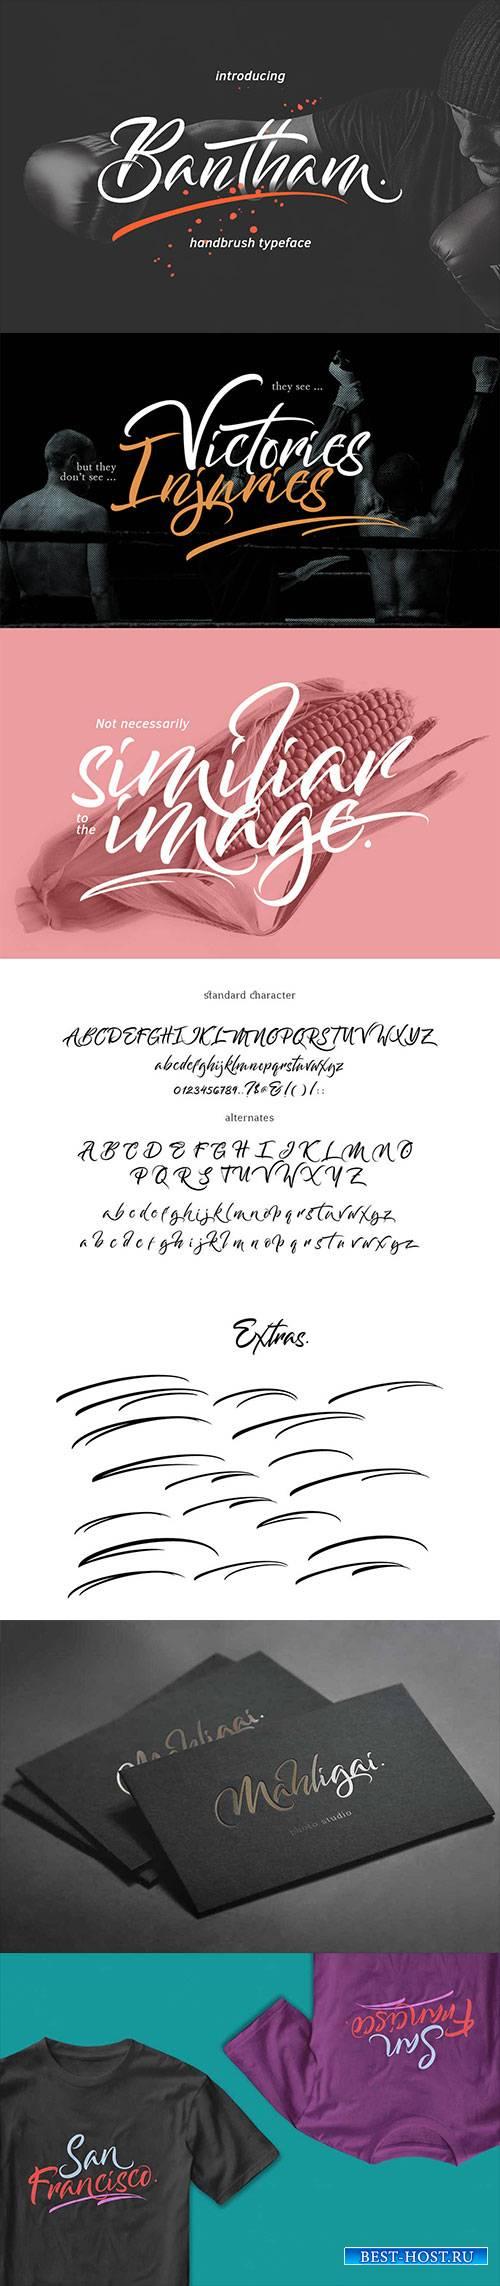 Bantham Brush Typeface